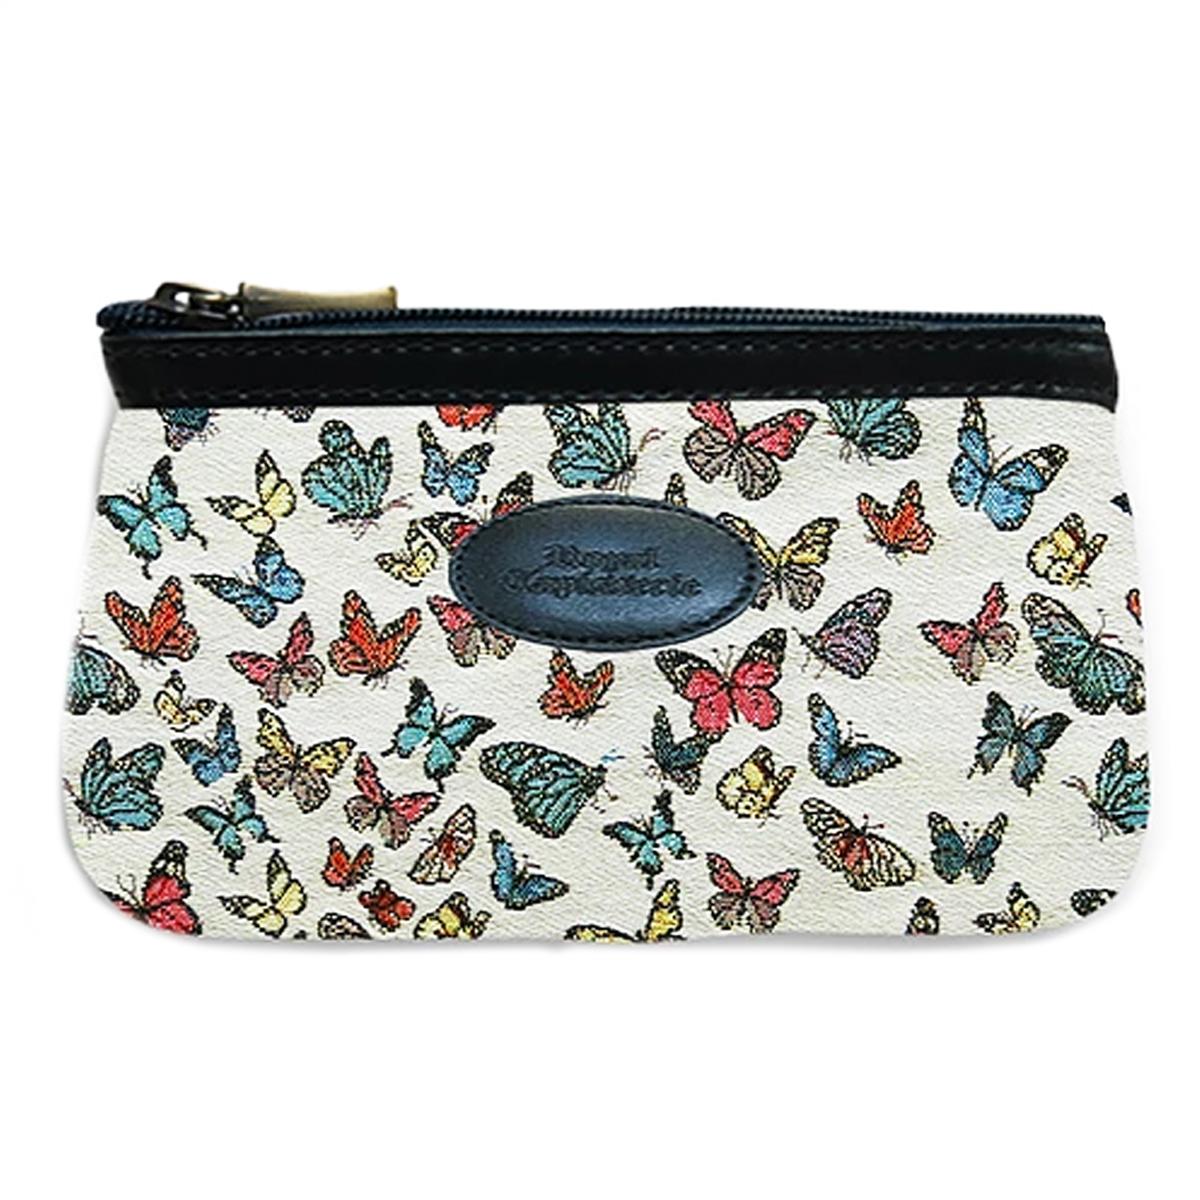 Pochette trousse artisanale \'Royal Tapisserie\' bleu blanc multicolore (papillons)  - 18x12x3 cm - [Q6305]